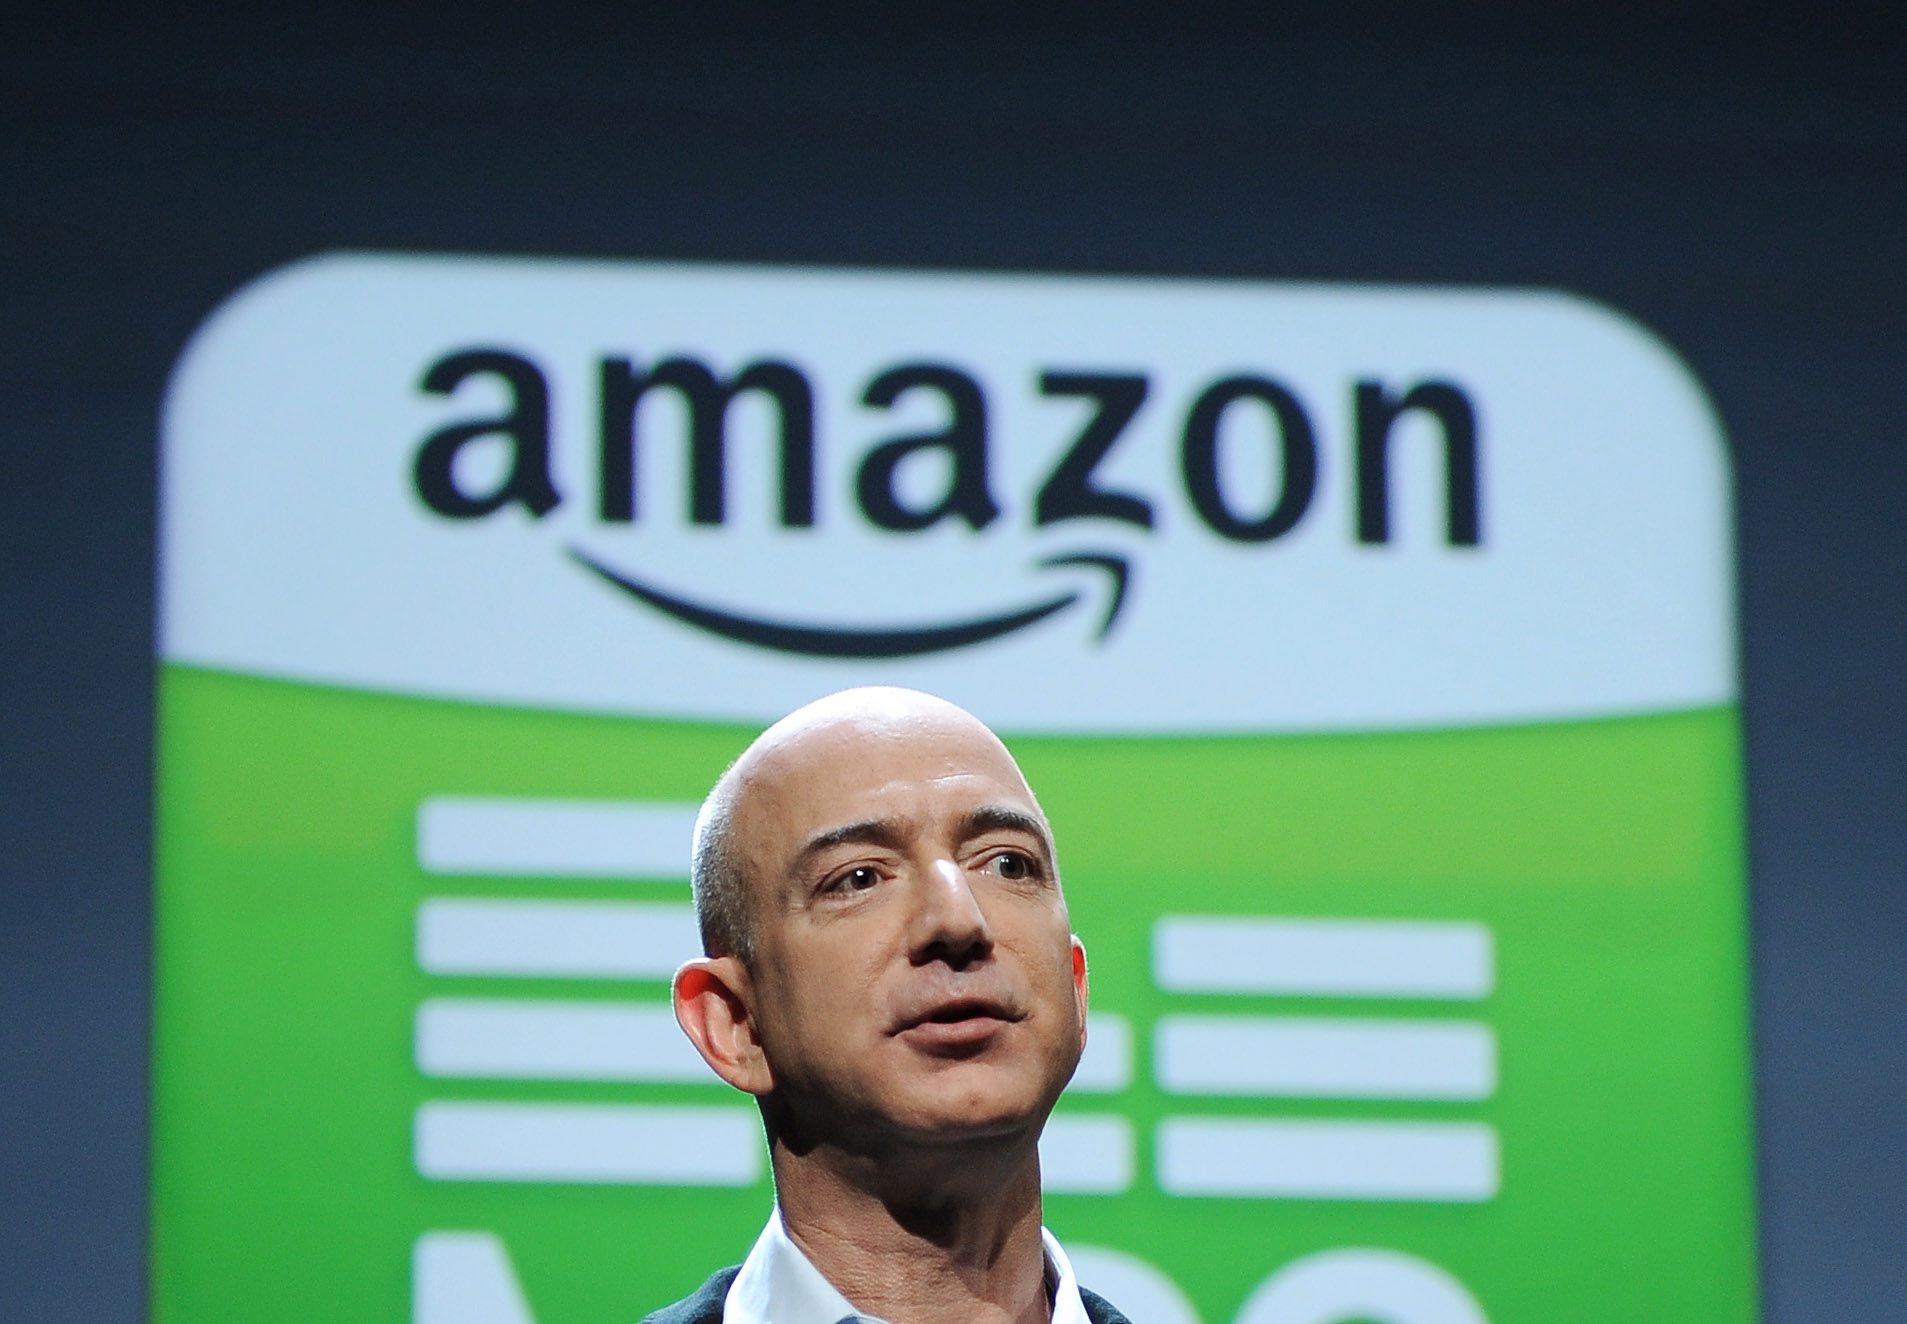 Собственикът на Амазон е най-богатият в модерната история